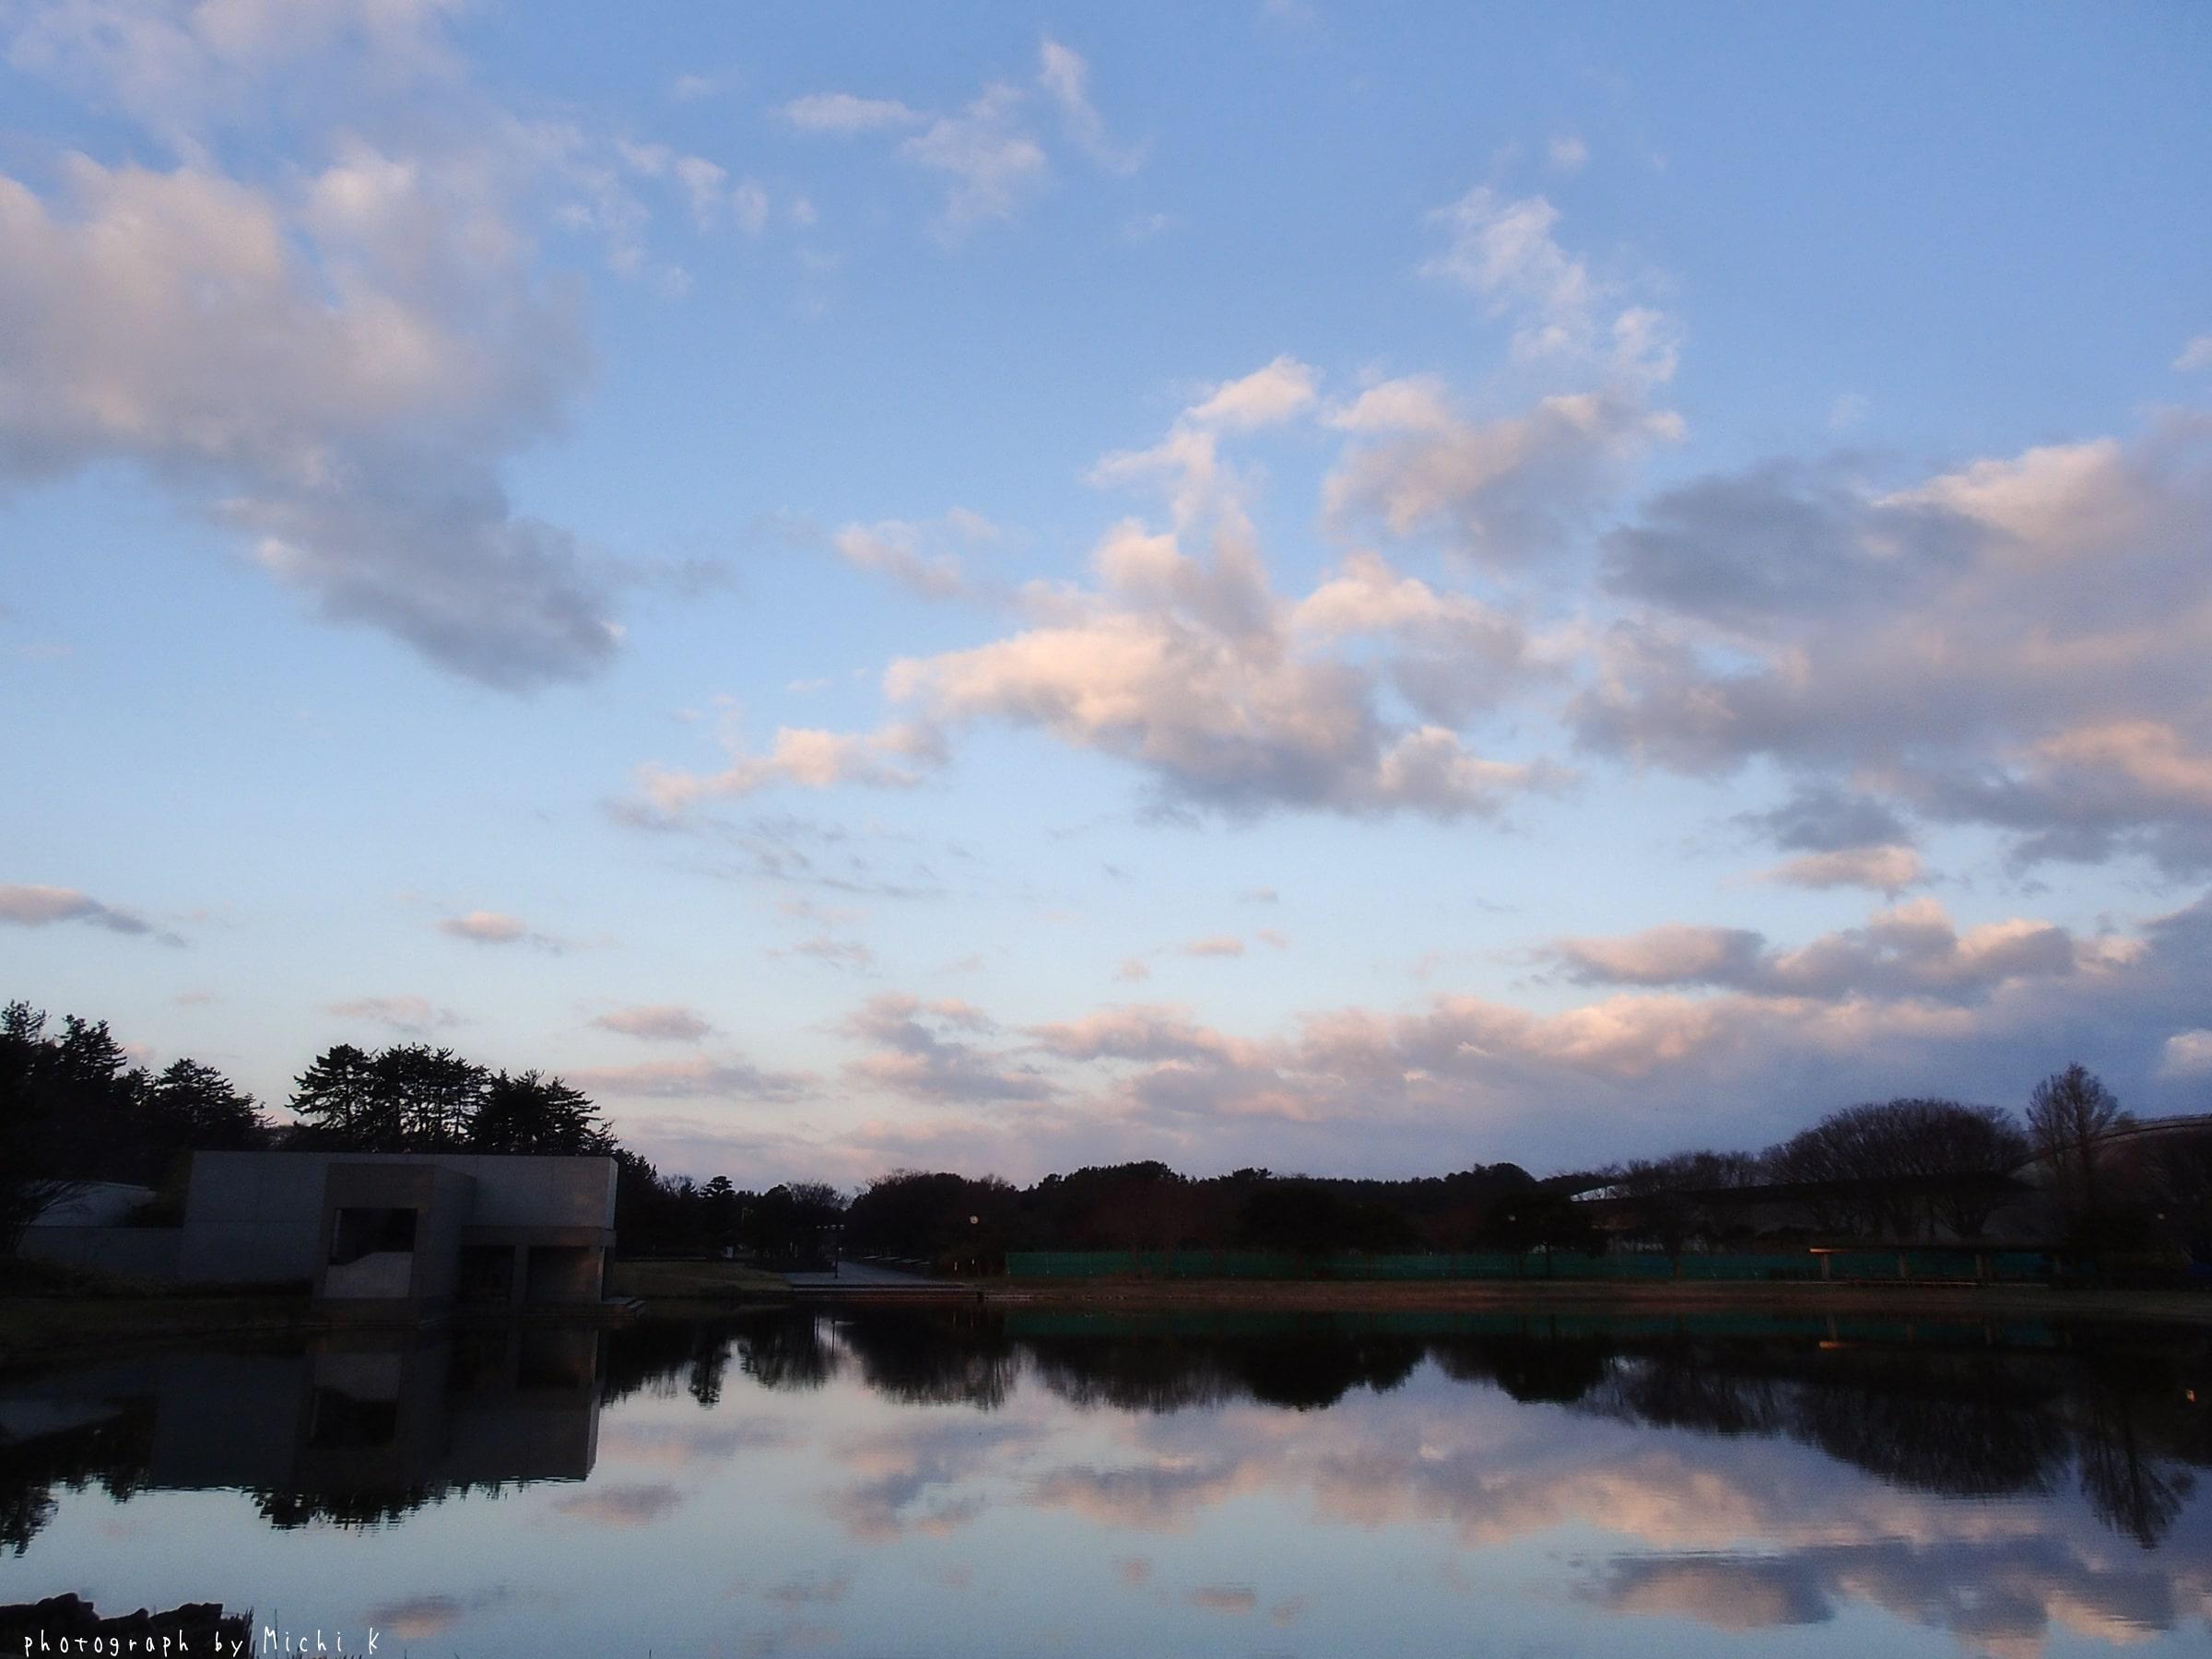 土門拳記念館にて2019-3-9朝(写真その7)